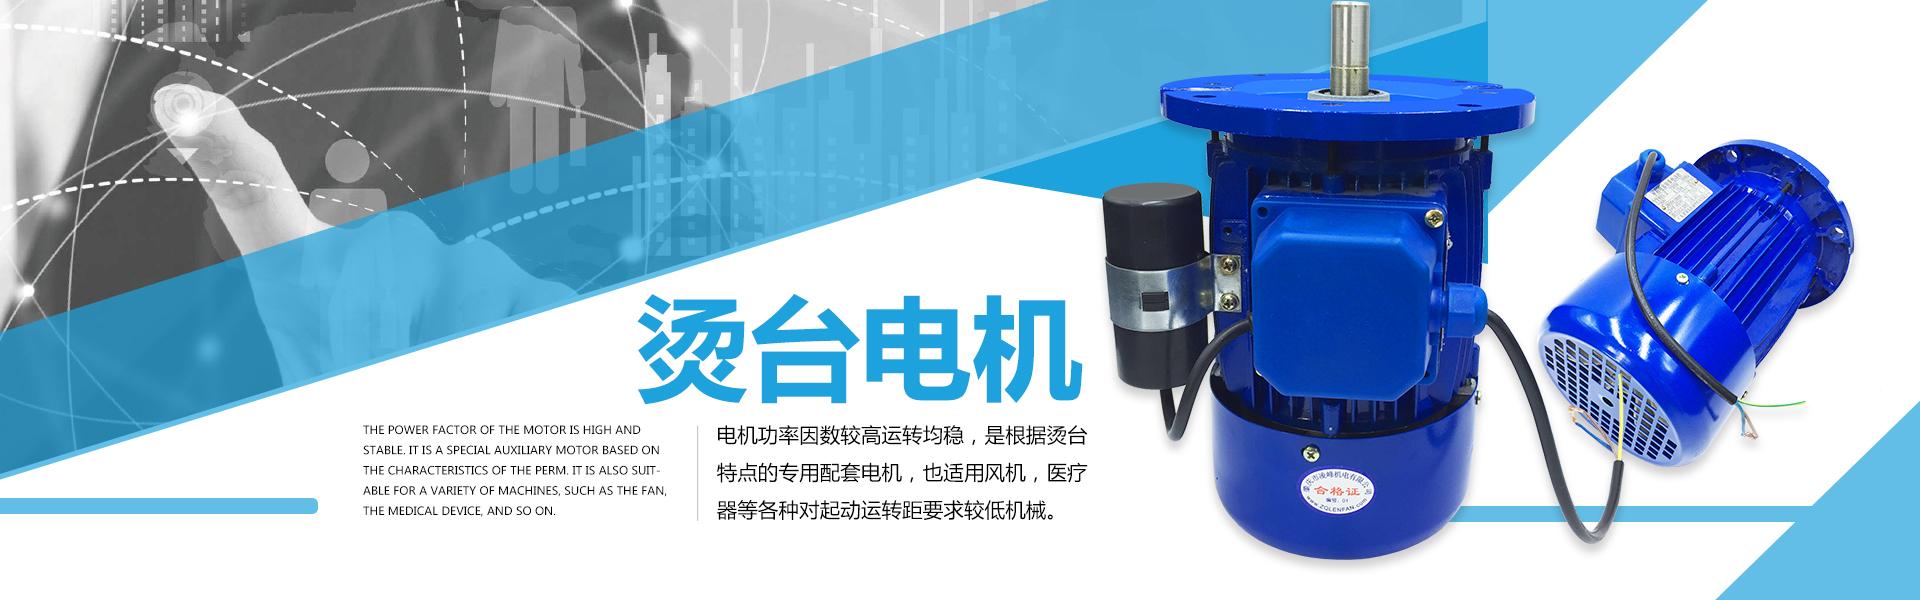 肇庆市凌峰机电有限公司是一家专注于环保设备,离心不锈钢风轮,高温离心风机,高温长轴电机,烫台电机生产的公司